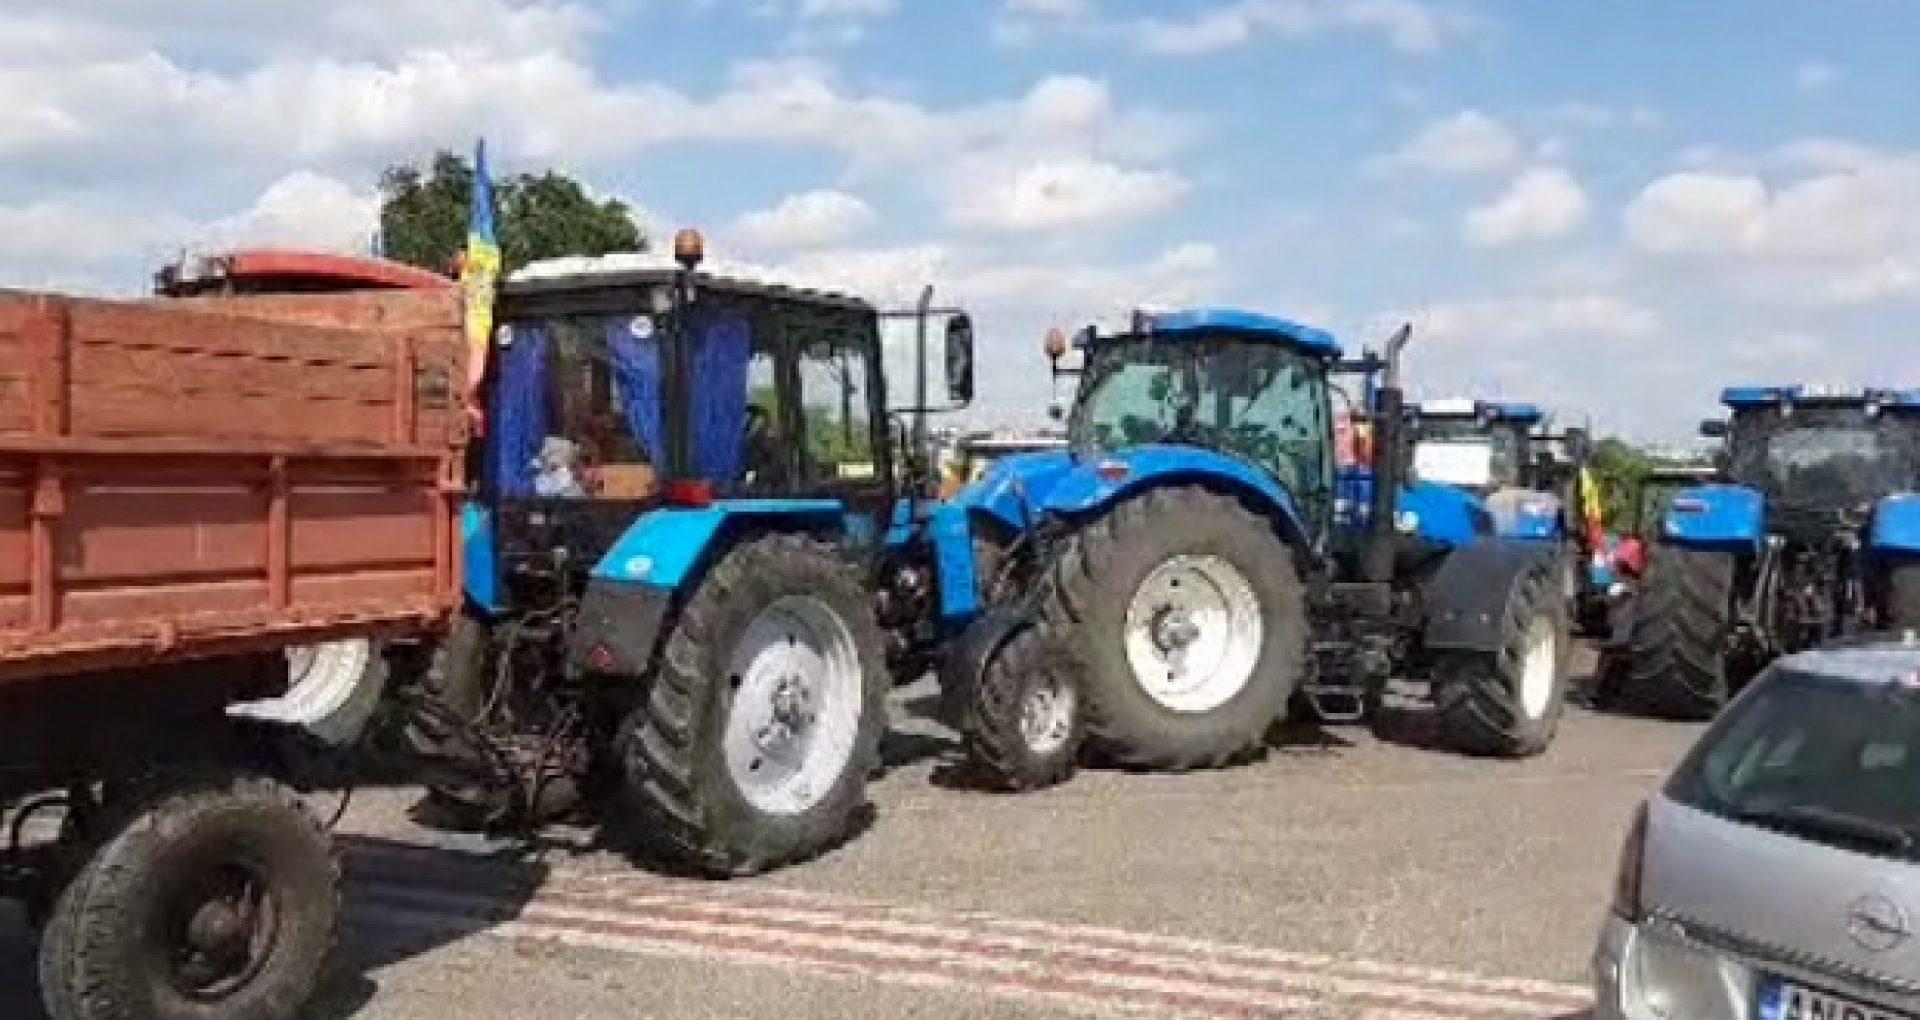 Producătorii agricoli din R. Moldova pot depune cerere de solicitare a motorinei din ajutorul umanitar extern acordat de România